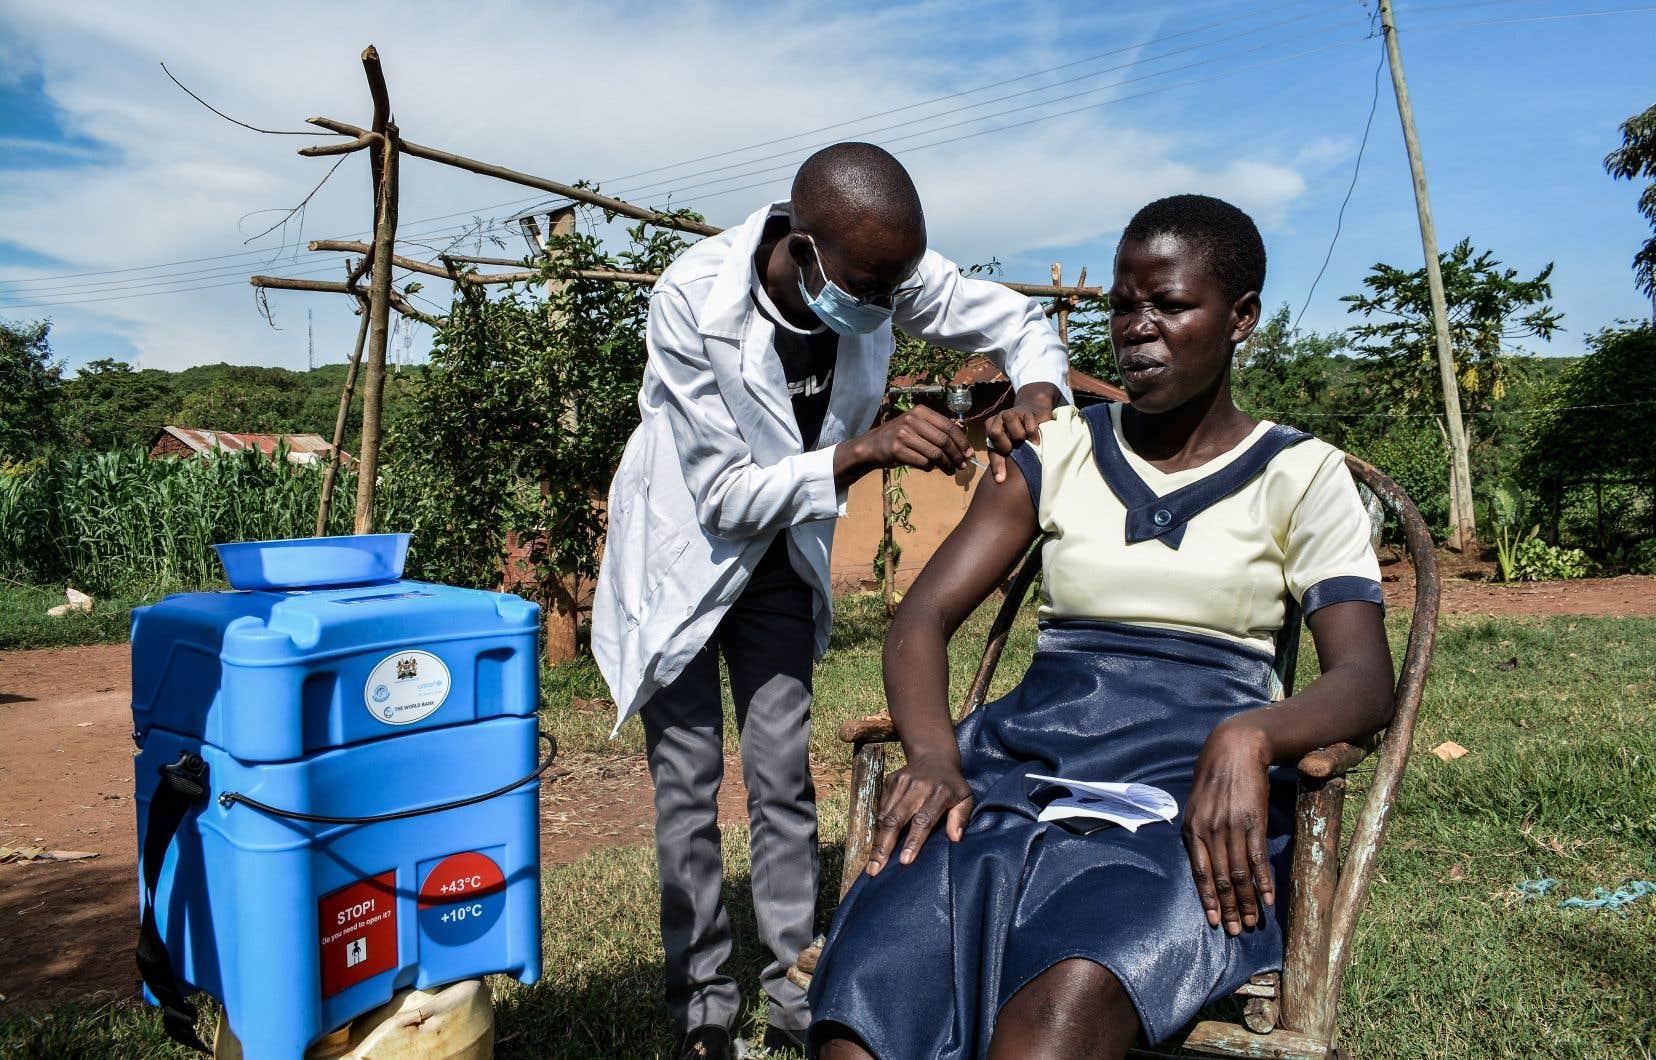 Au Kenya, des travailleurs de la santé se promènent de porte en porte pour offrir le vaccin contre la COVID-19 à des gens qui n'ont pas accès à des centres de santé près de leur lieu de résidence.